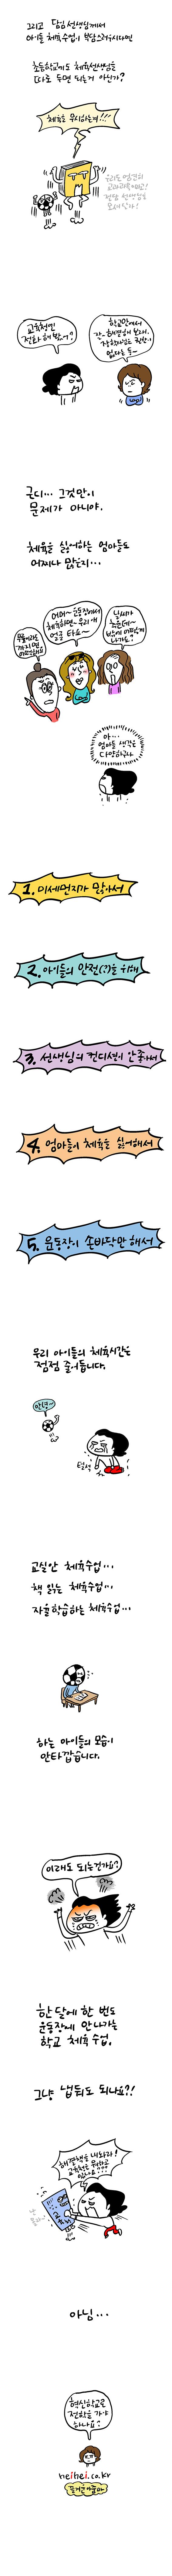 육아카툰초등학교체육수업미세먼지04.jpg